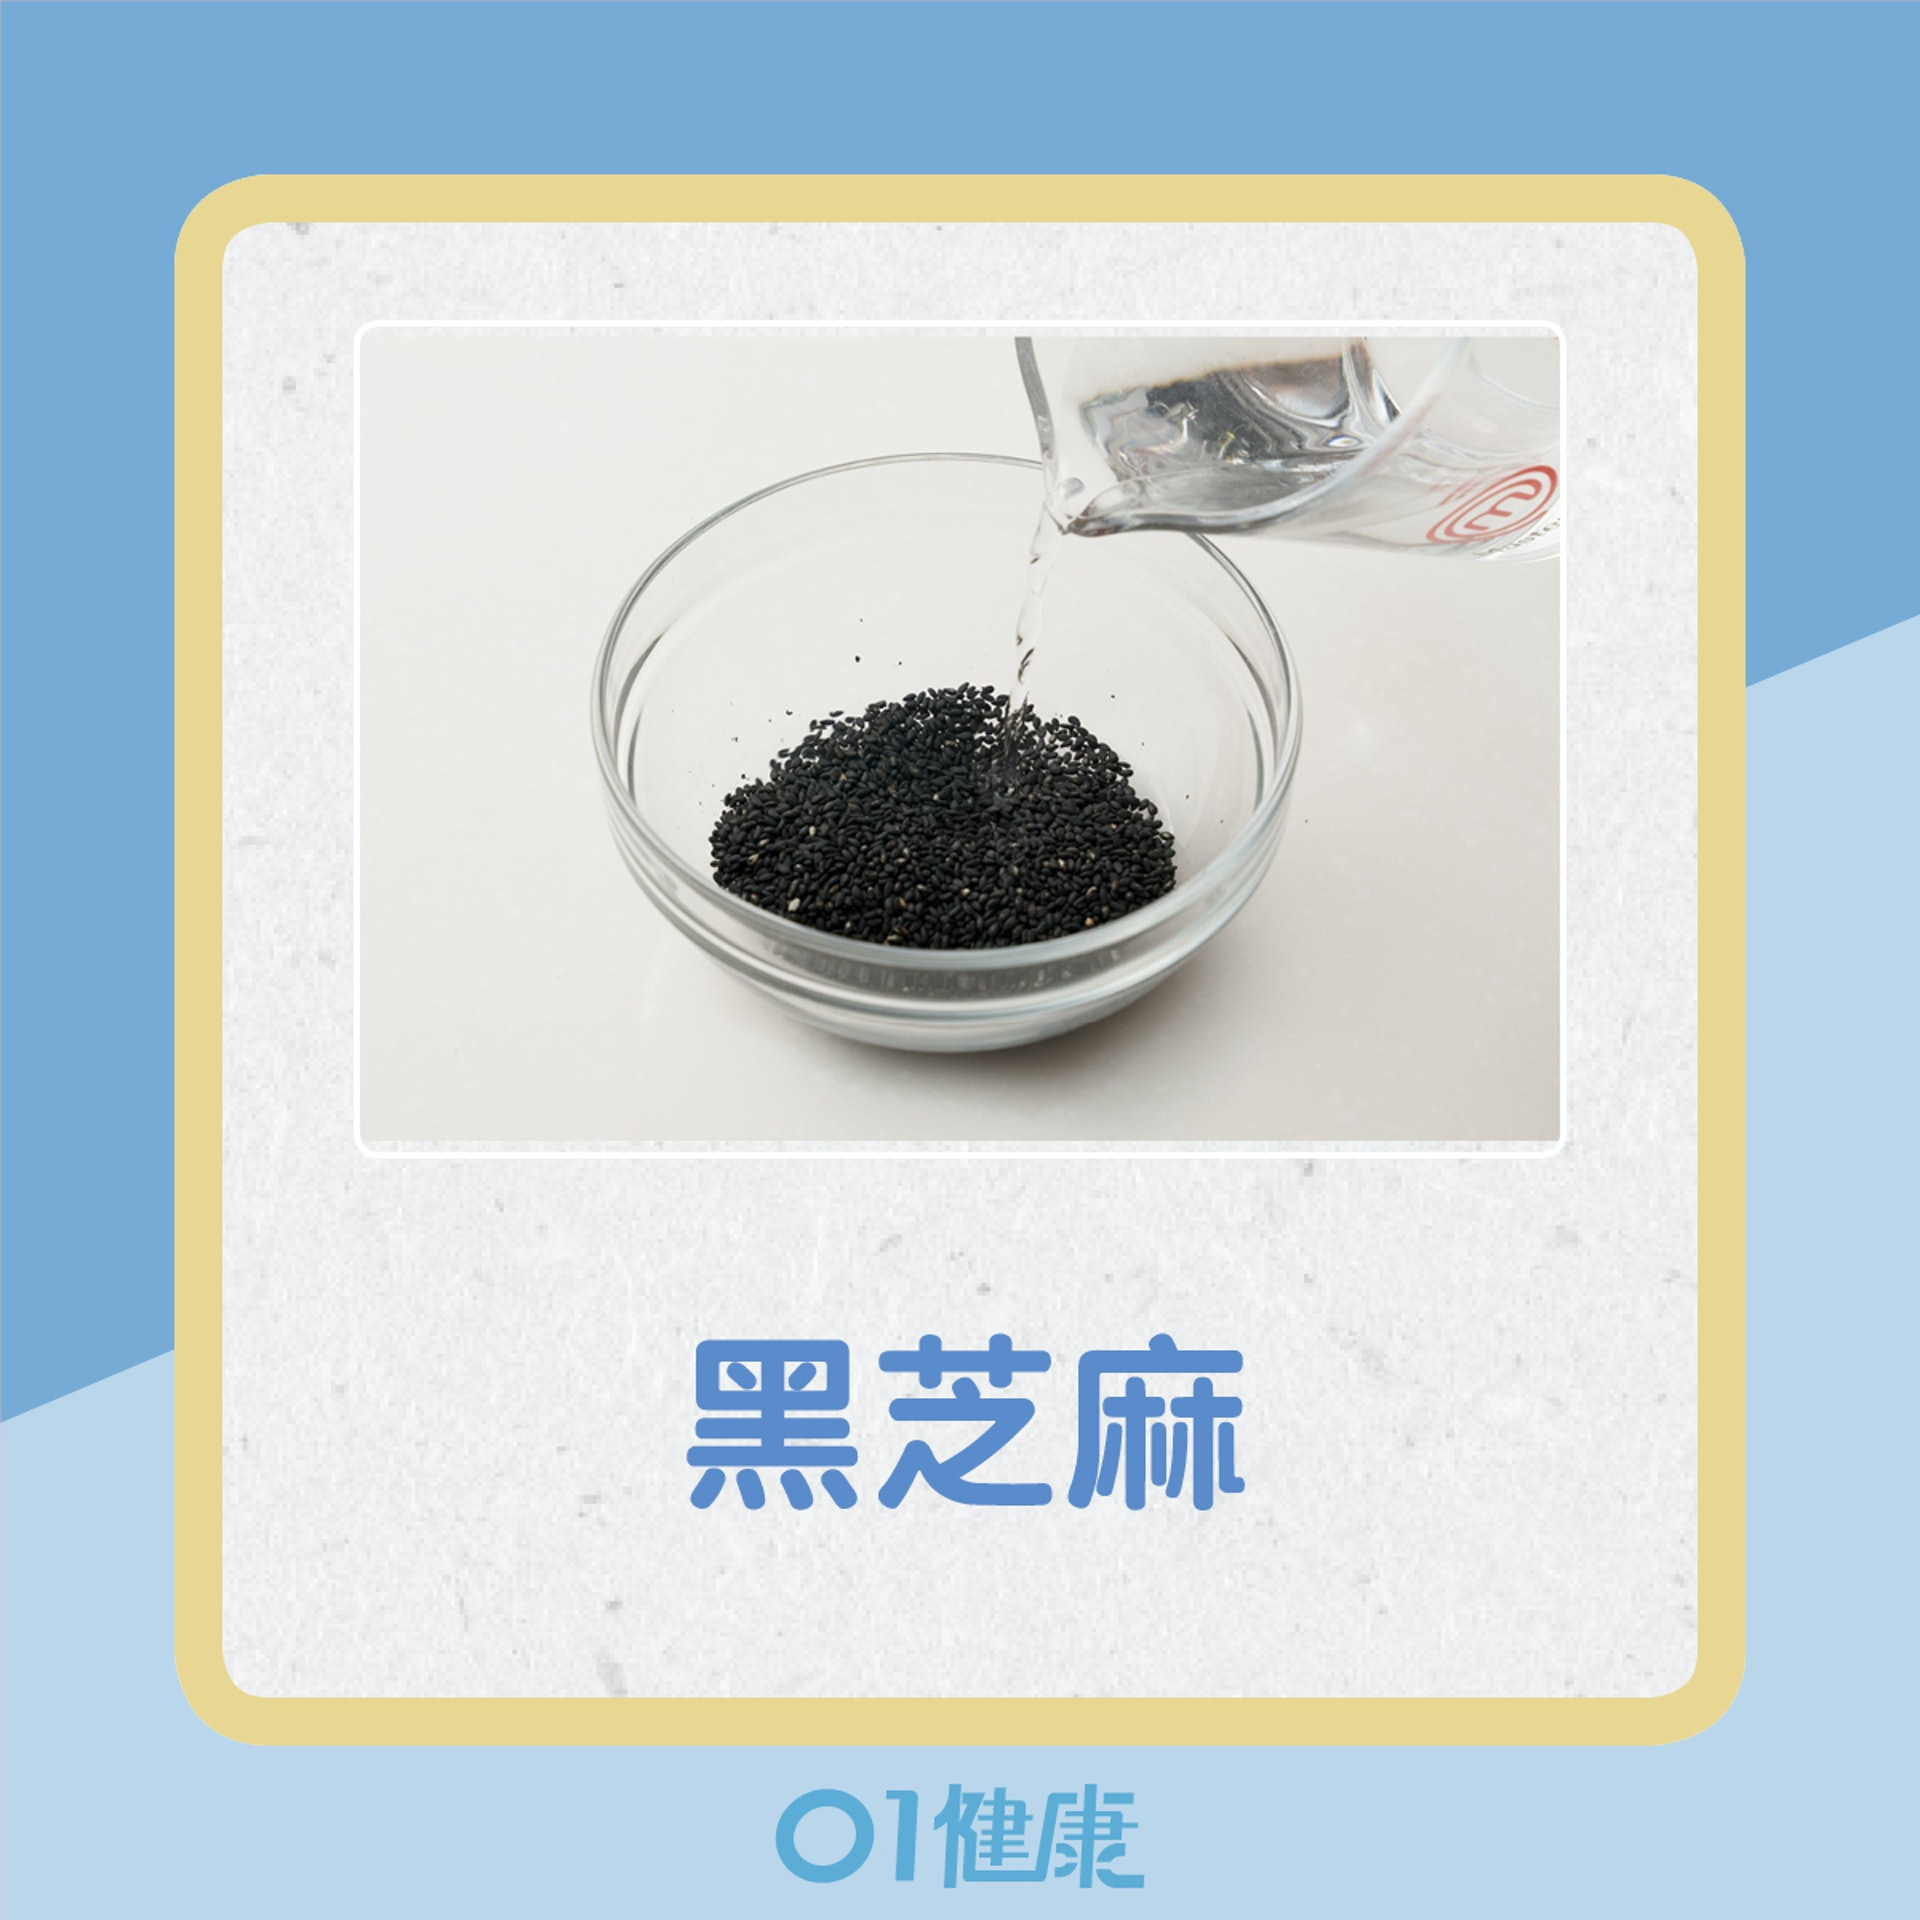 黑色食物(01製圖)